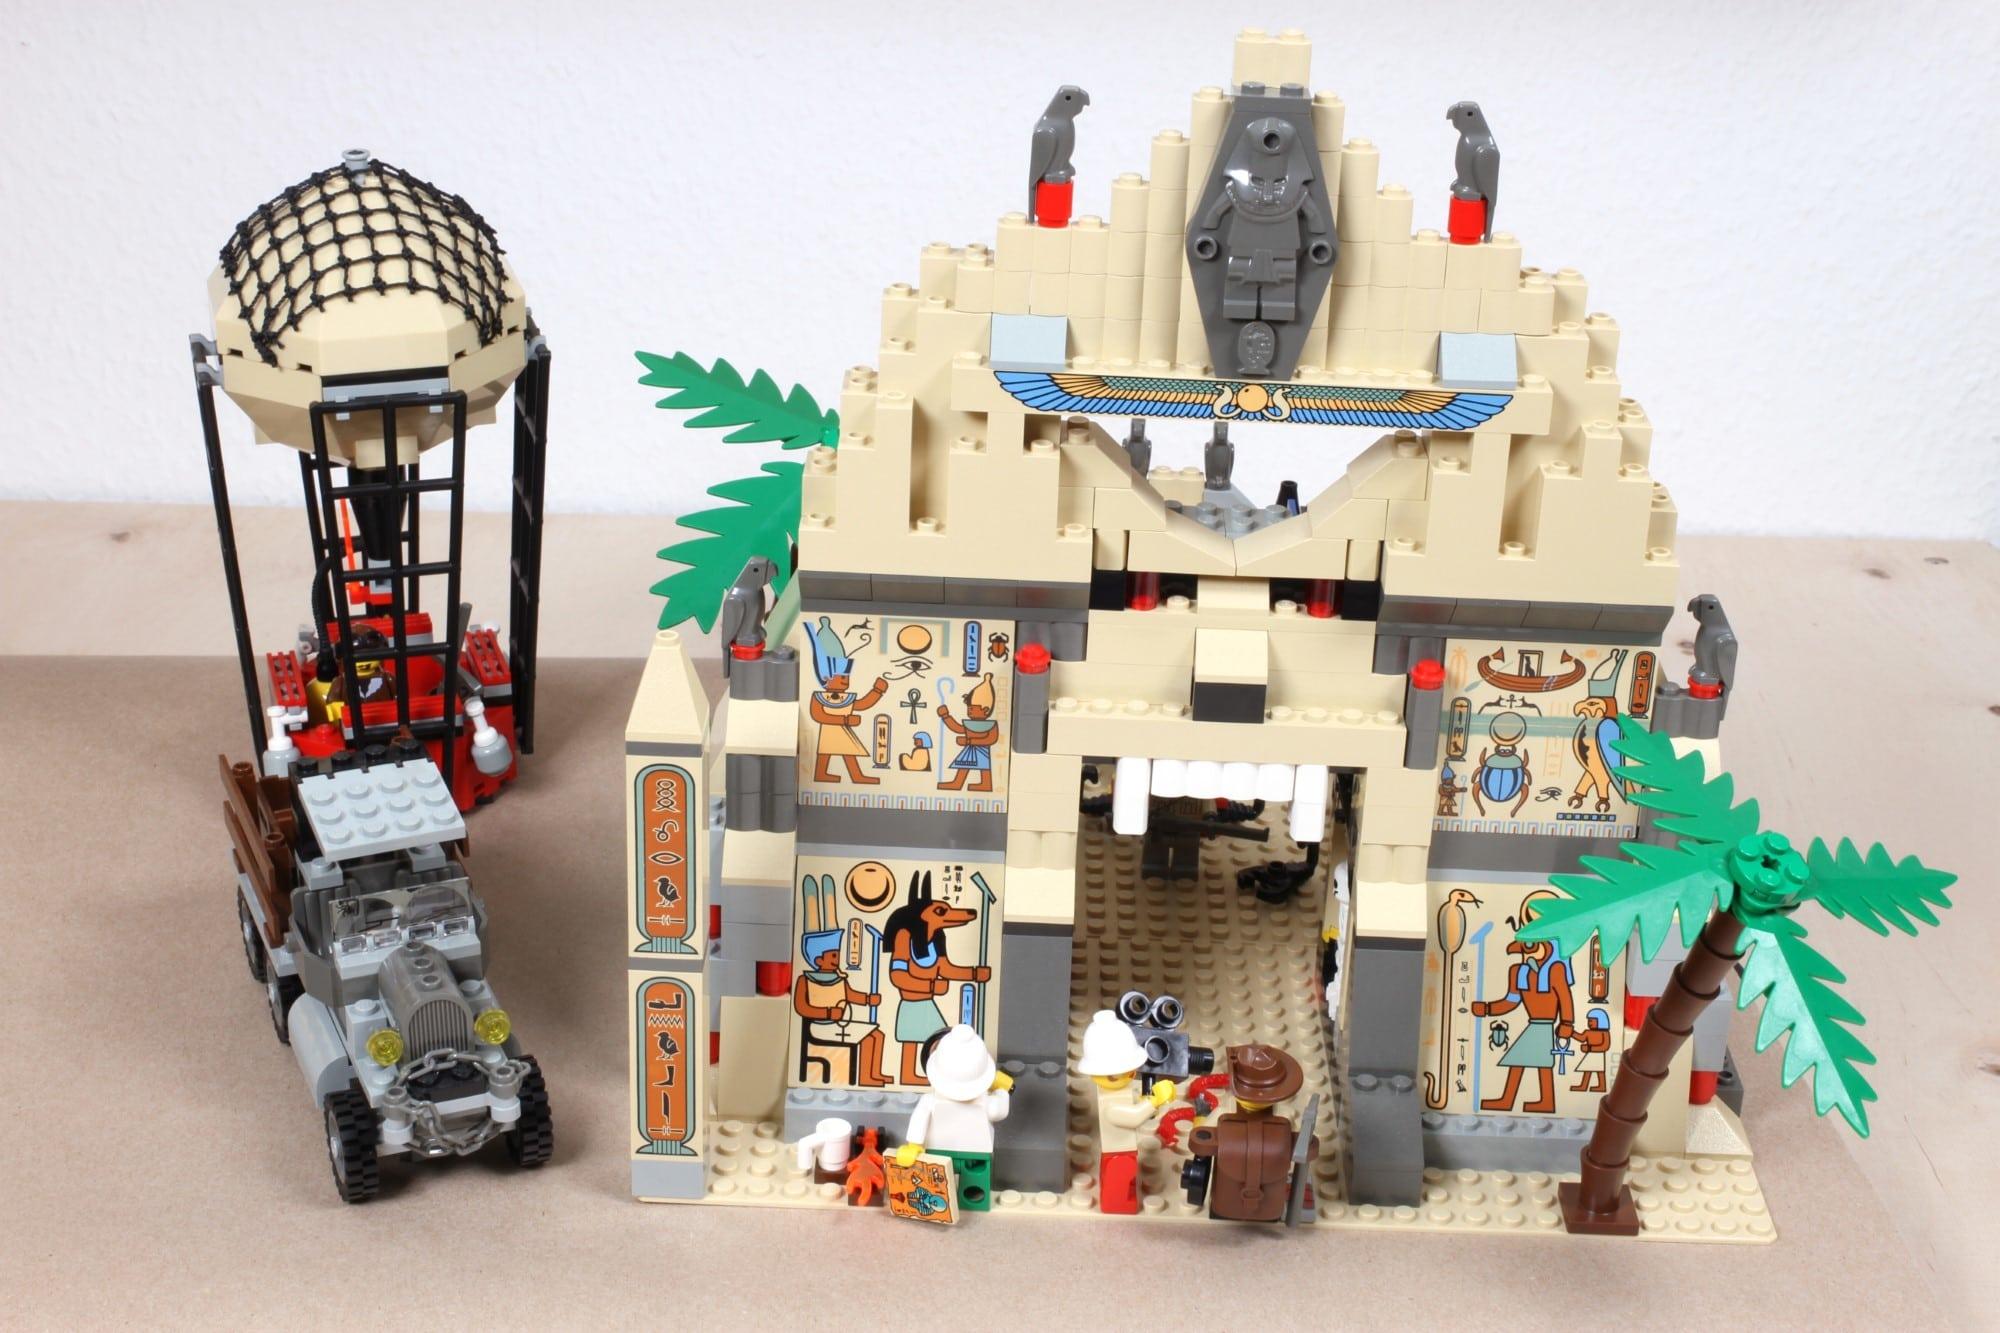 LEGO Adventurers Display Sollzustand Nach Restaurierung